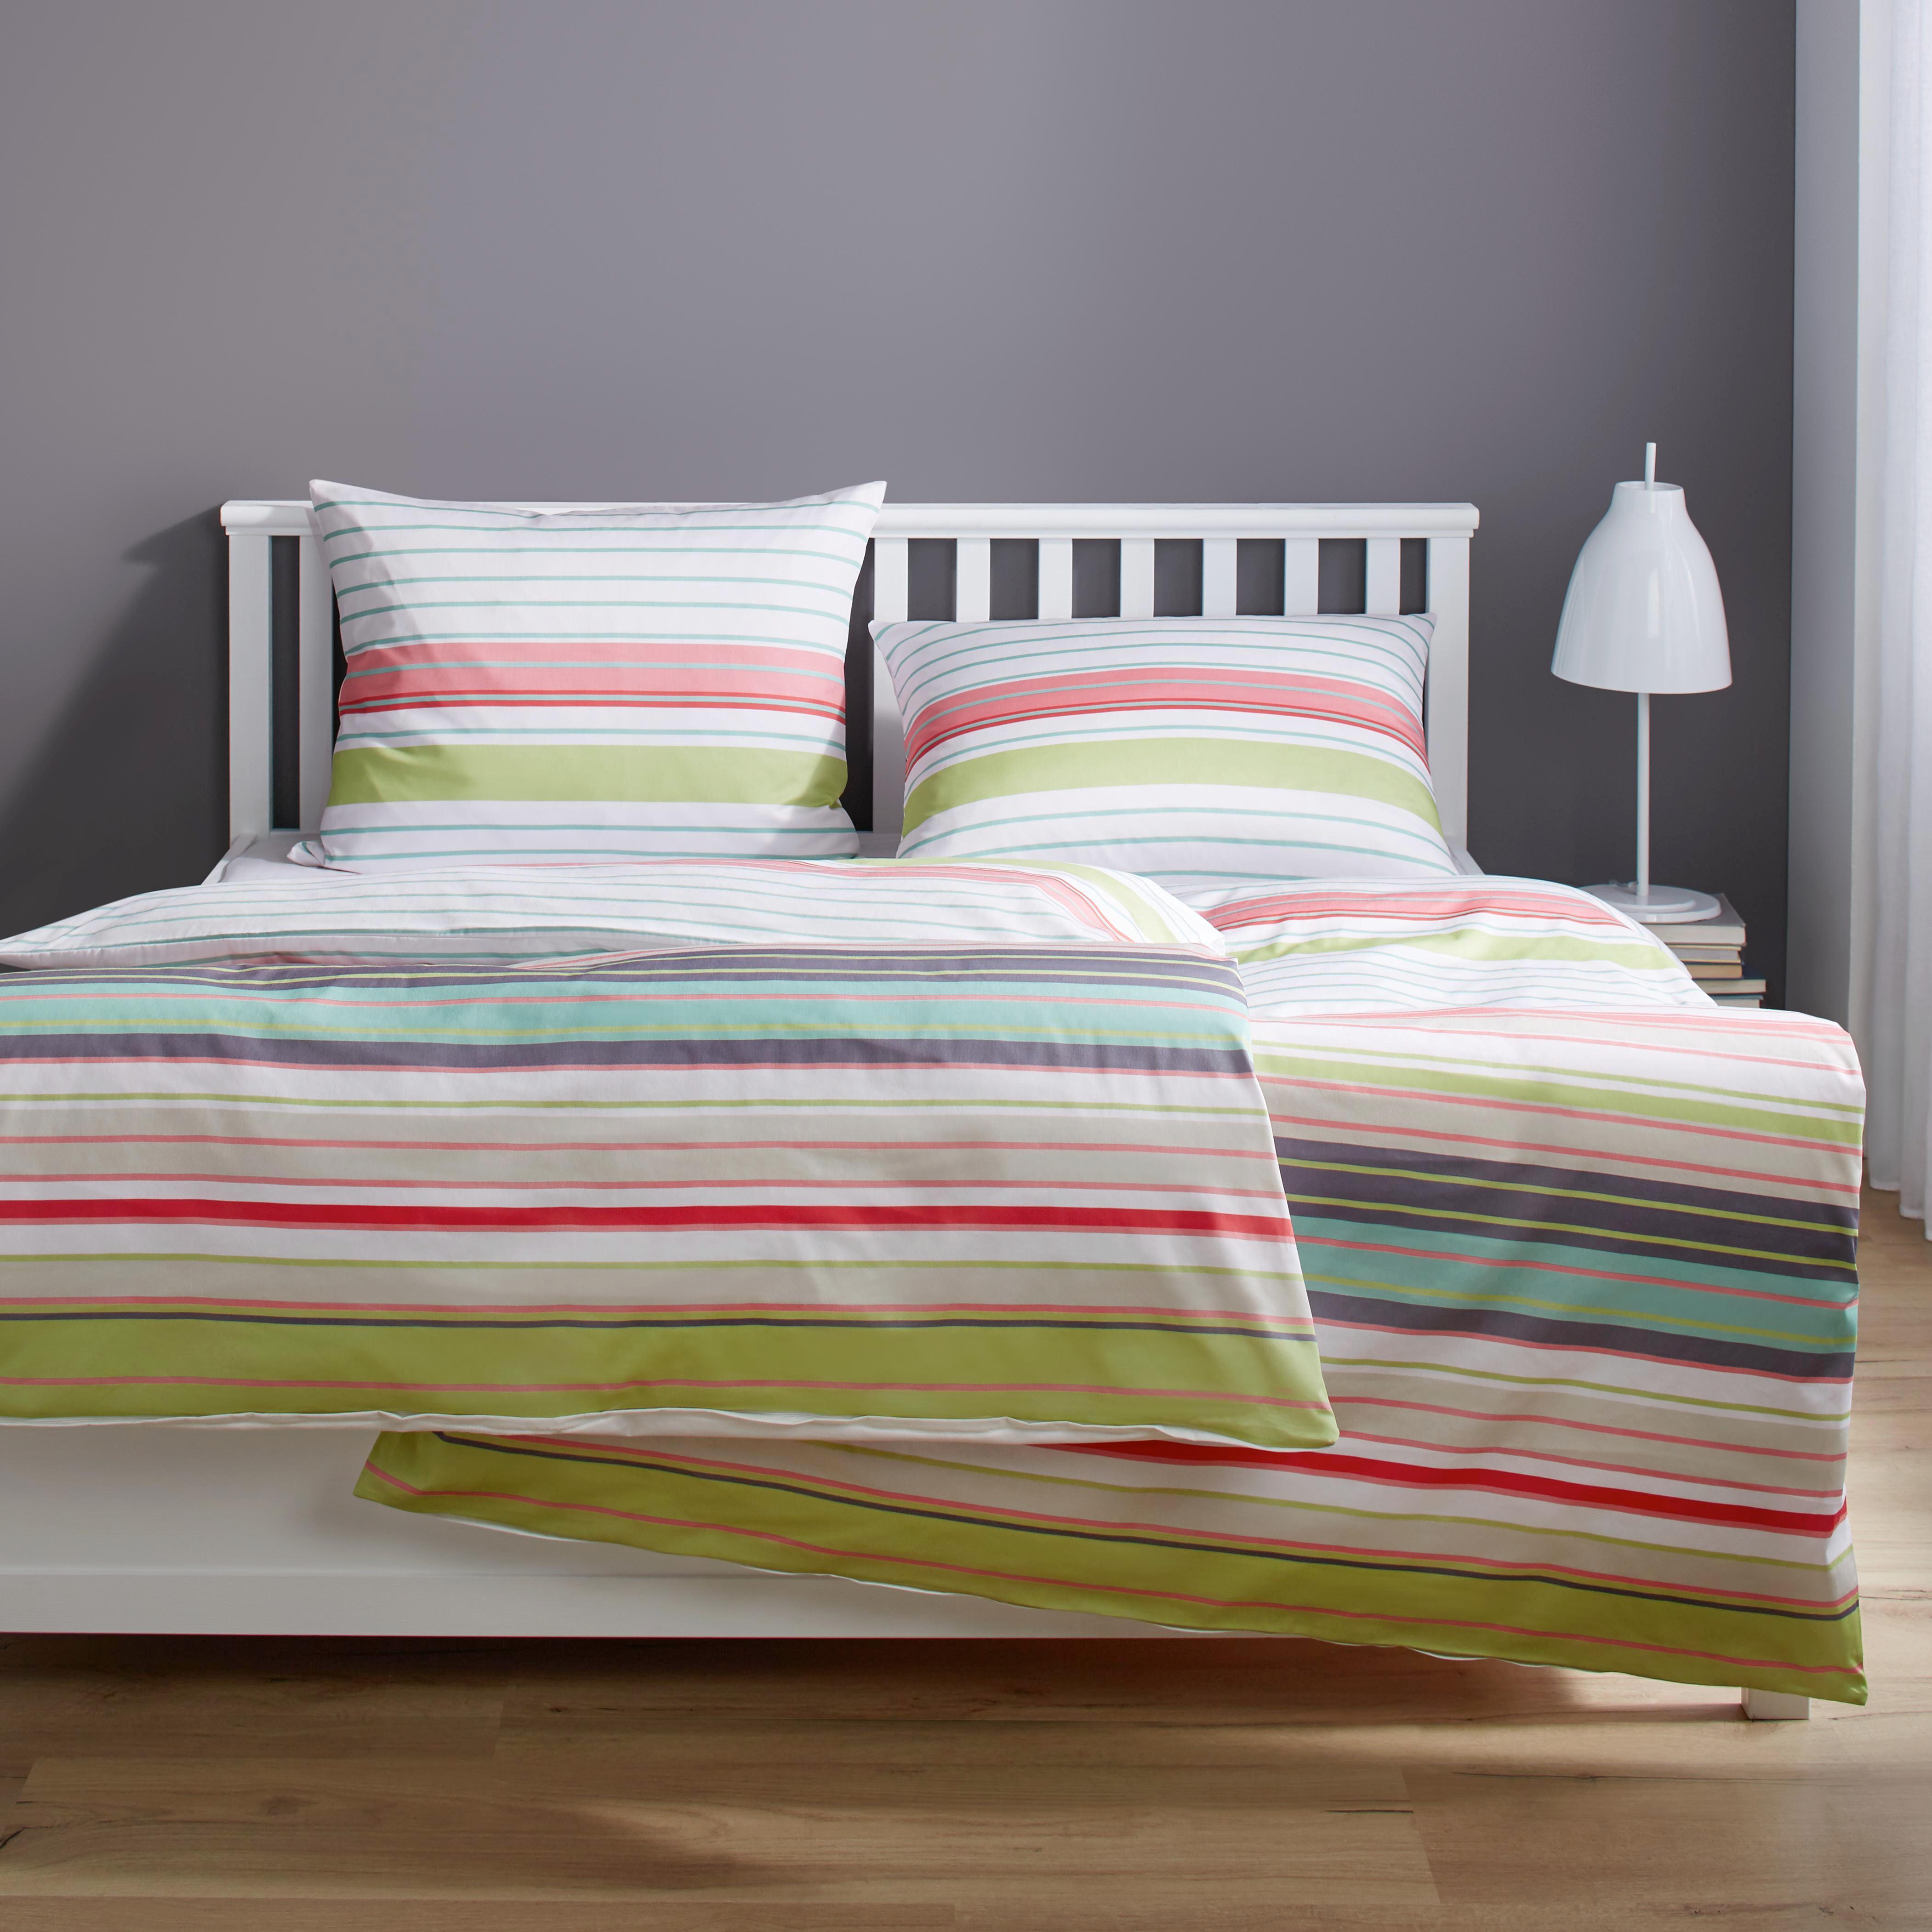 Bettwäsche S. Oliver Baumwollsatin - Multicolor/Rosa, MODERN, Textil - S. OLIVER